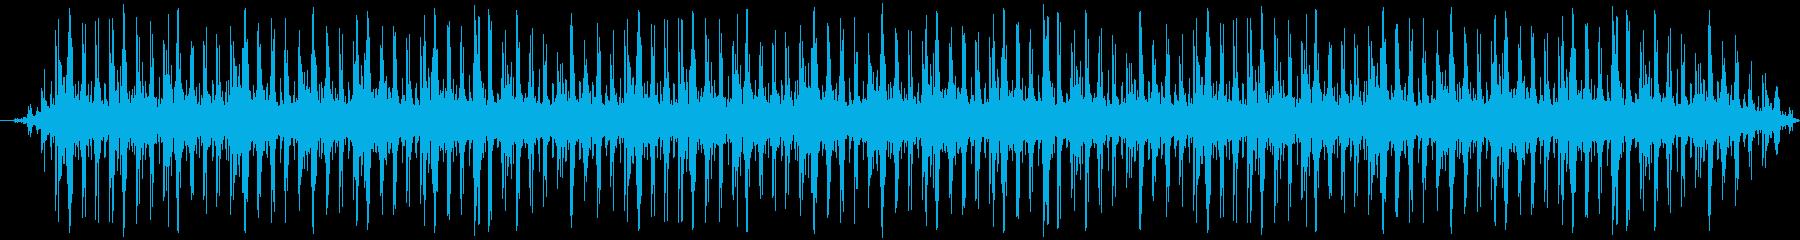 アンティーク1900シングルピスト...の再生済みの波形